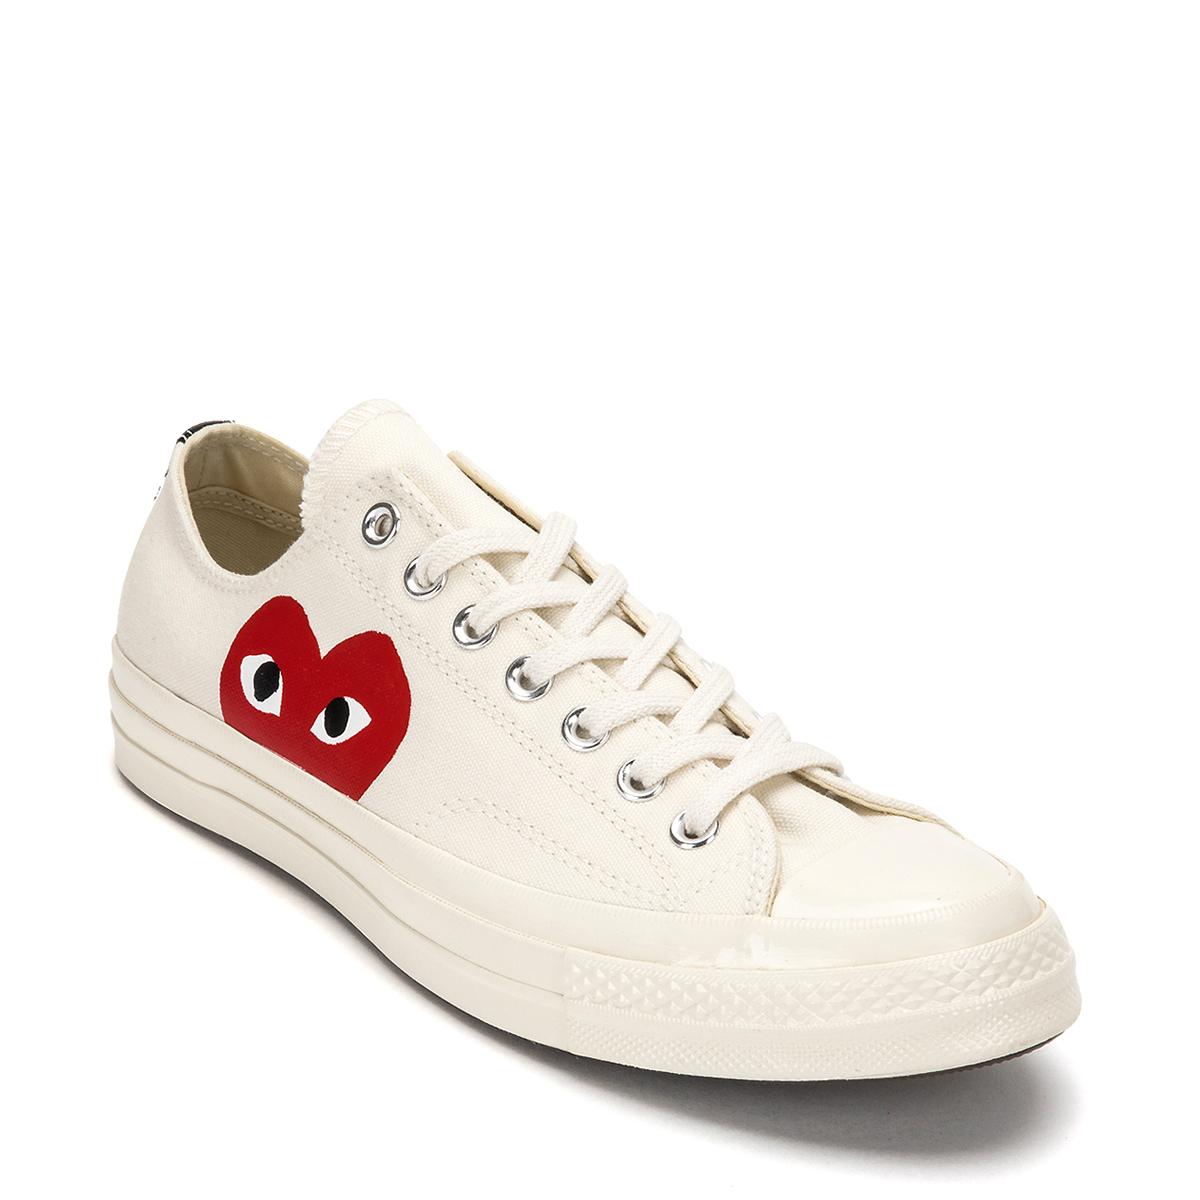 Comme Des Garcons Shoes For Sale